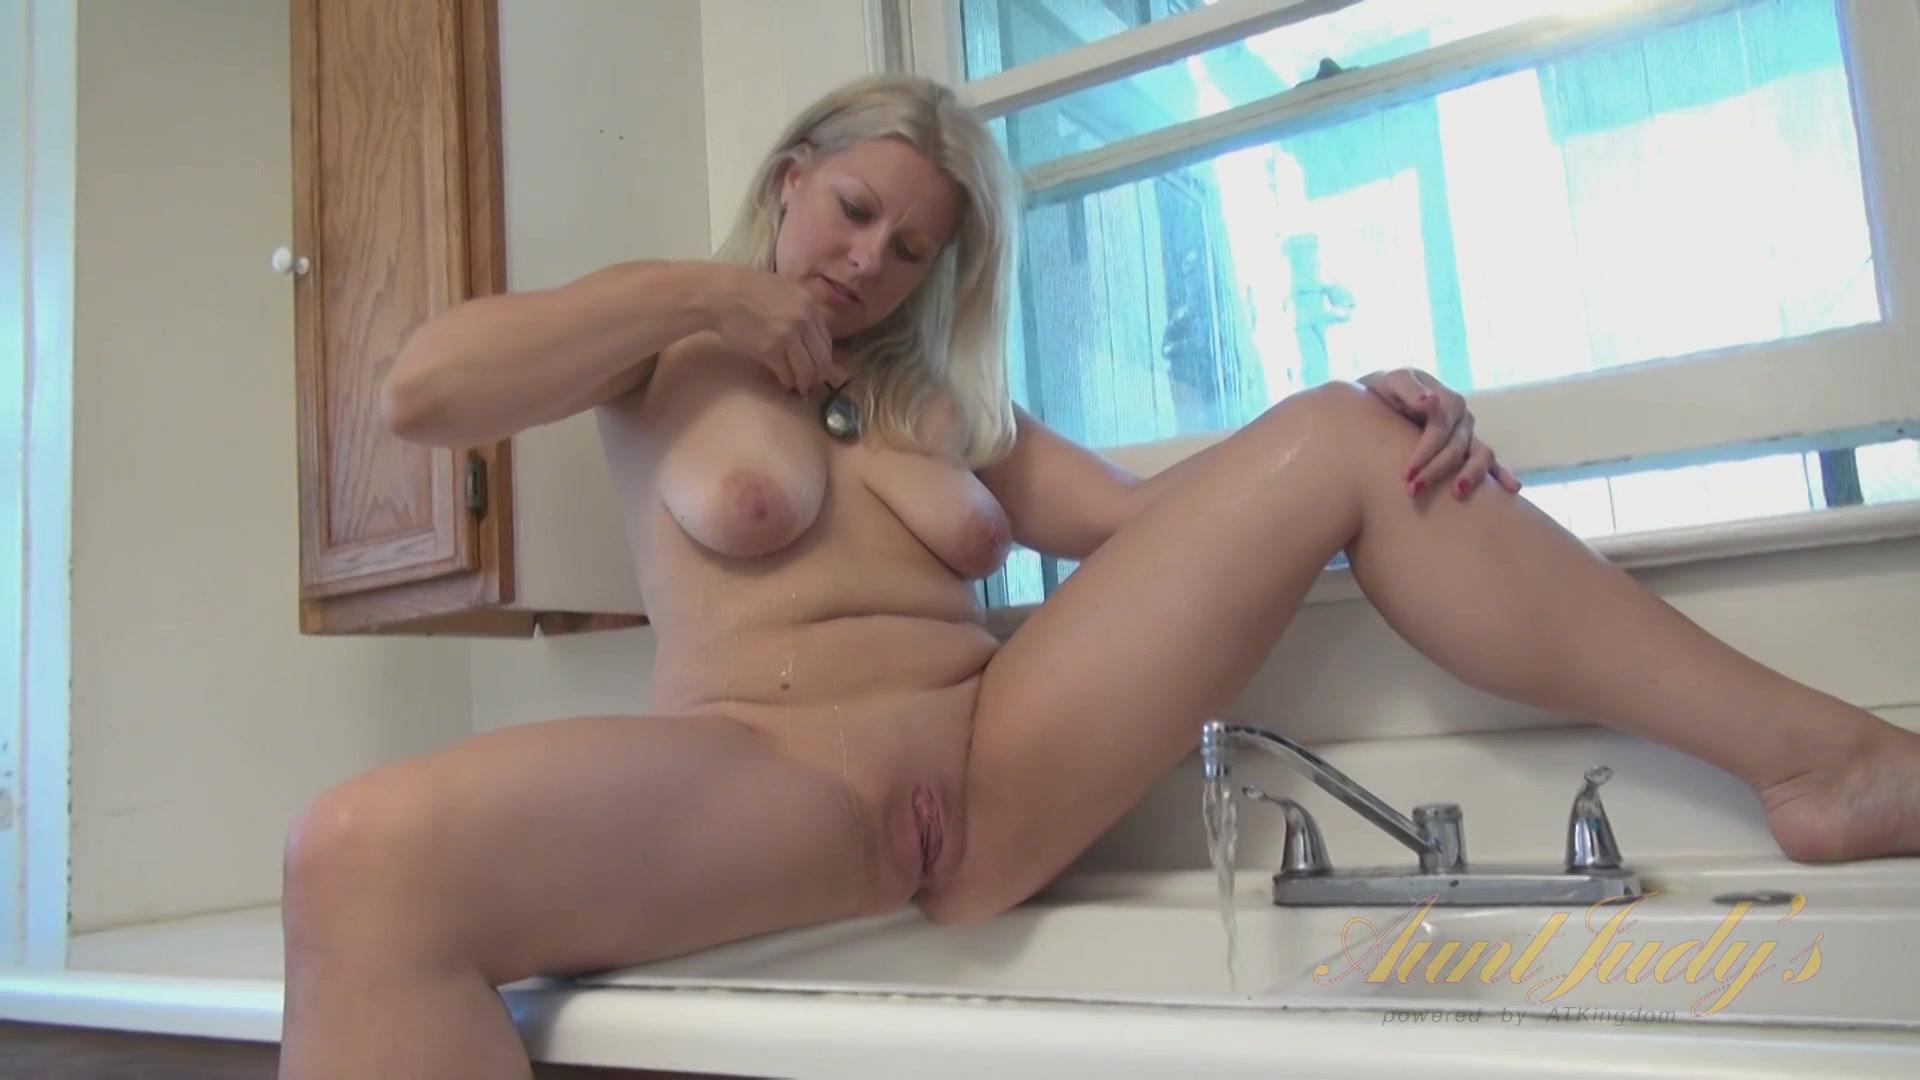 Секс сына с мамой он увидел как она мастурбирует видео смотреть